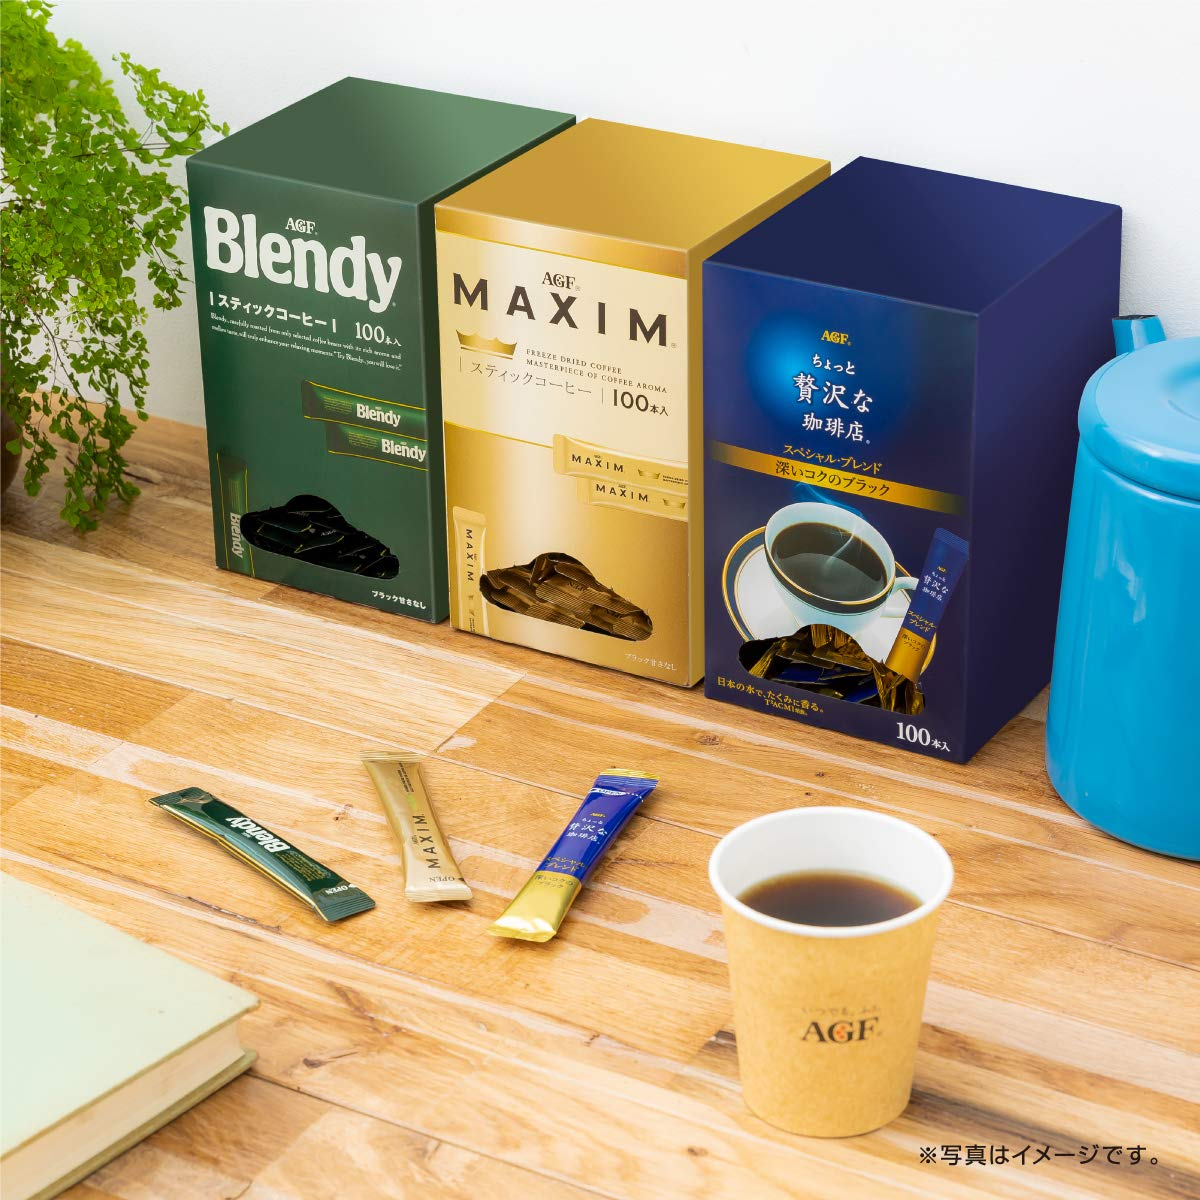 スティックコーヒーのおすすめ12選!種類や選び方も